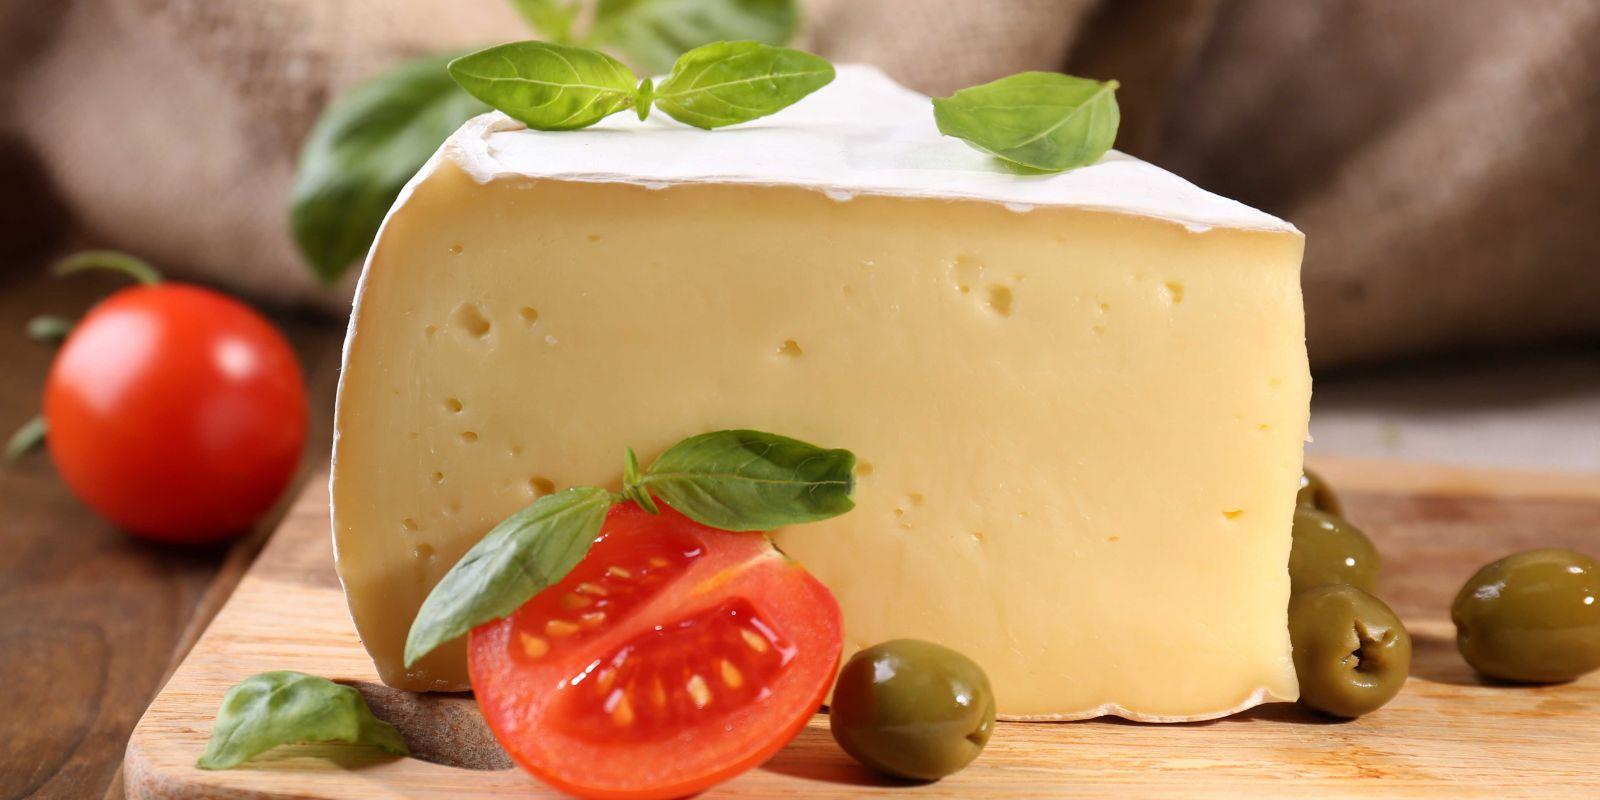 Neue Öko-Verpackung für Käsescheiben